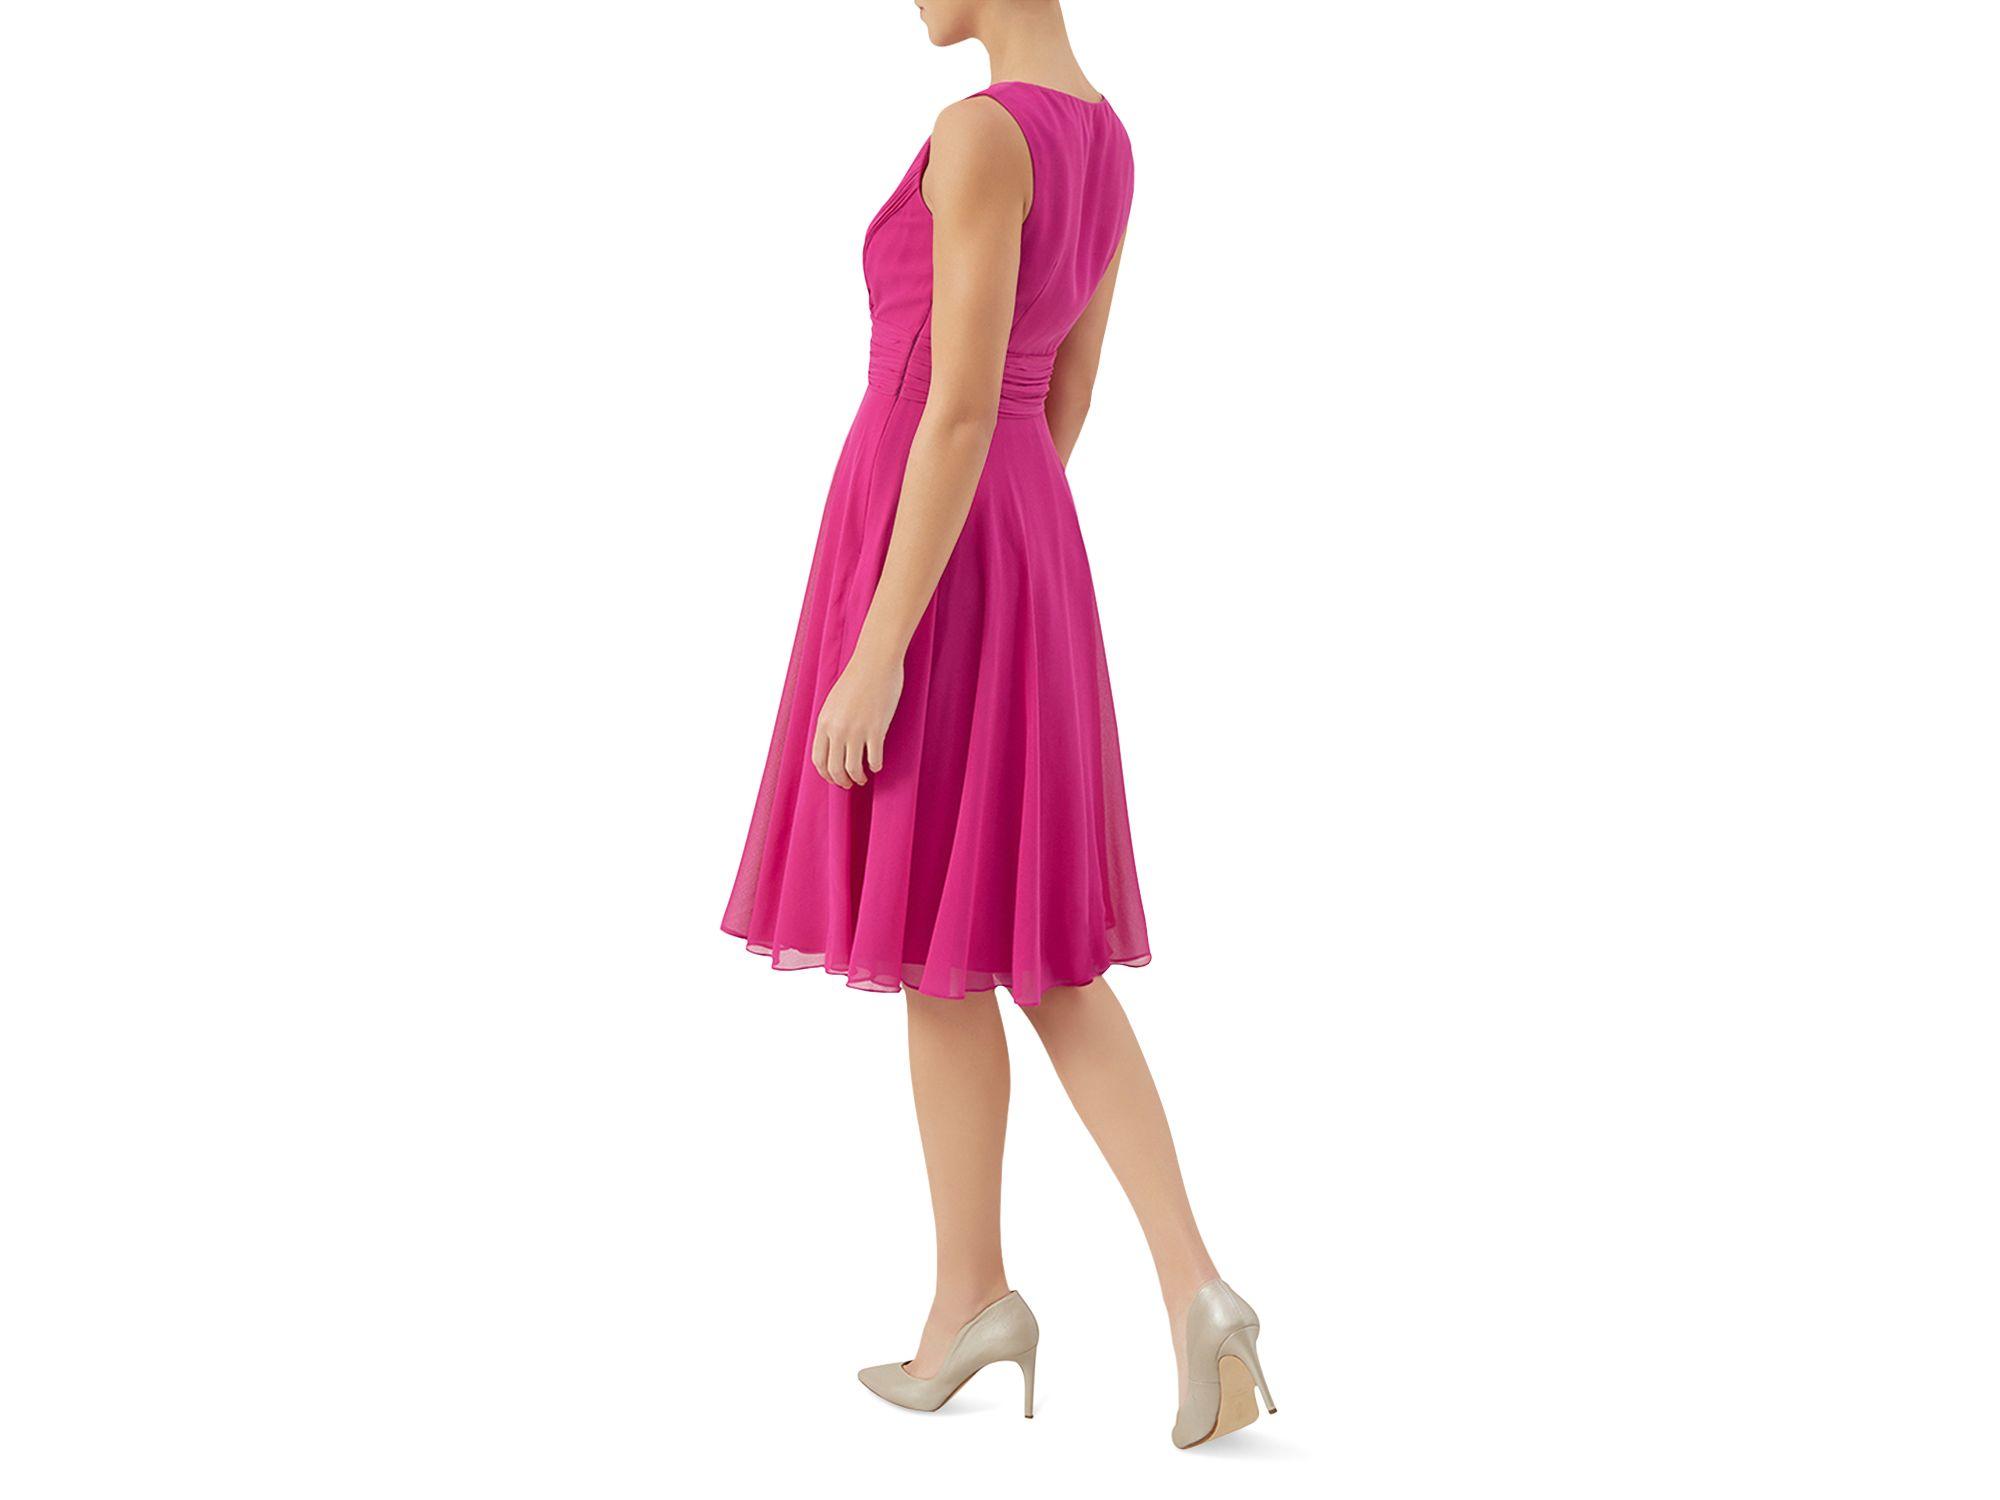 Lyst - Hobbs Jacqueline Chiffon Dress in Purple